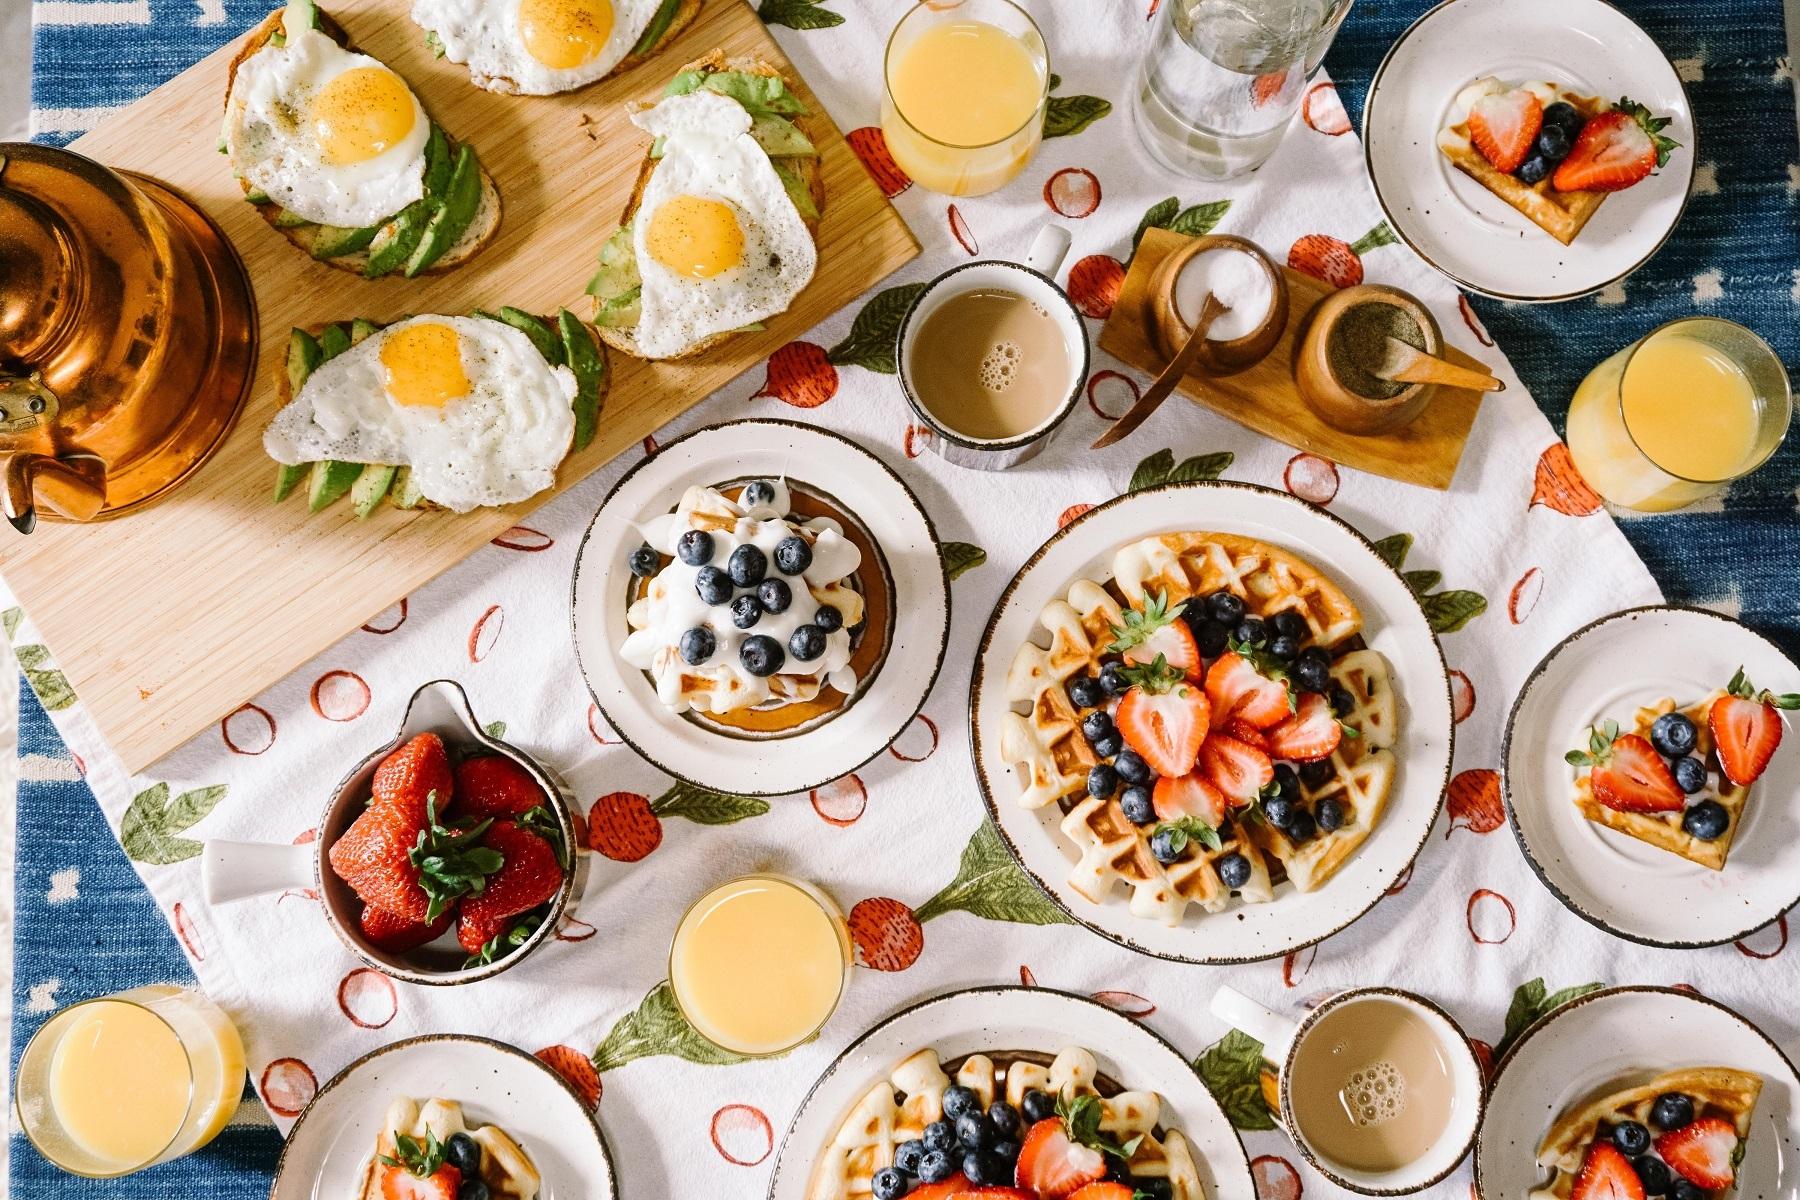 知ってる?breakfastの意味